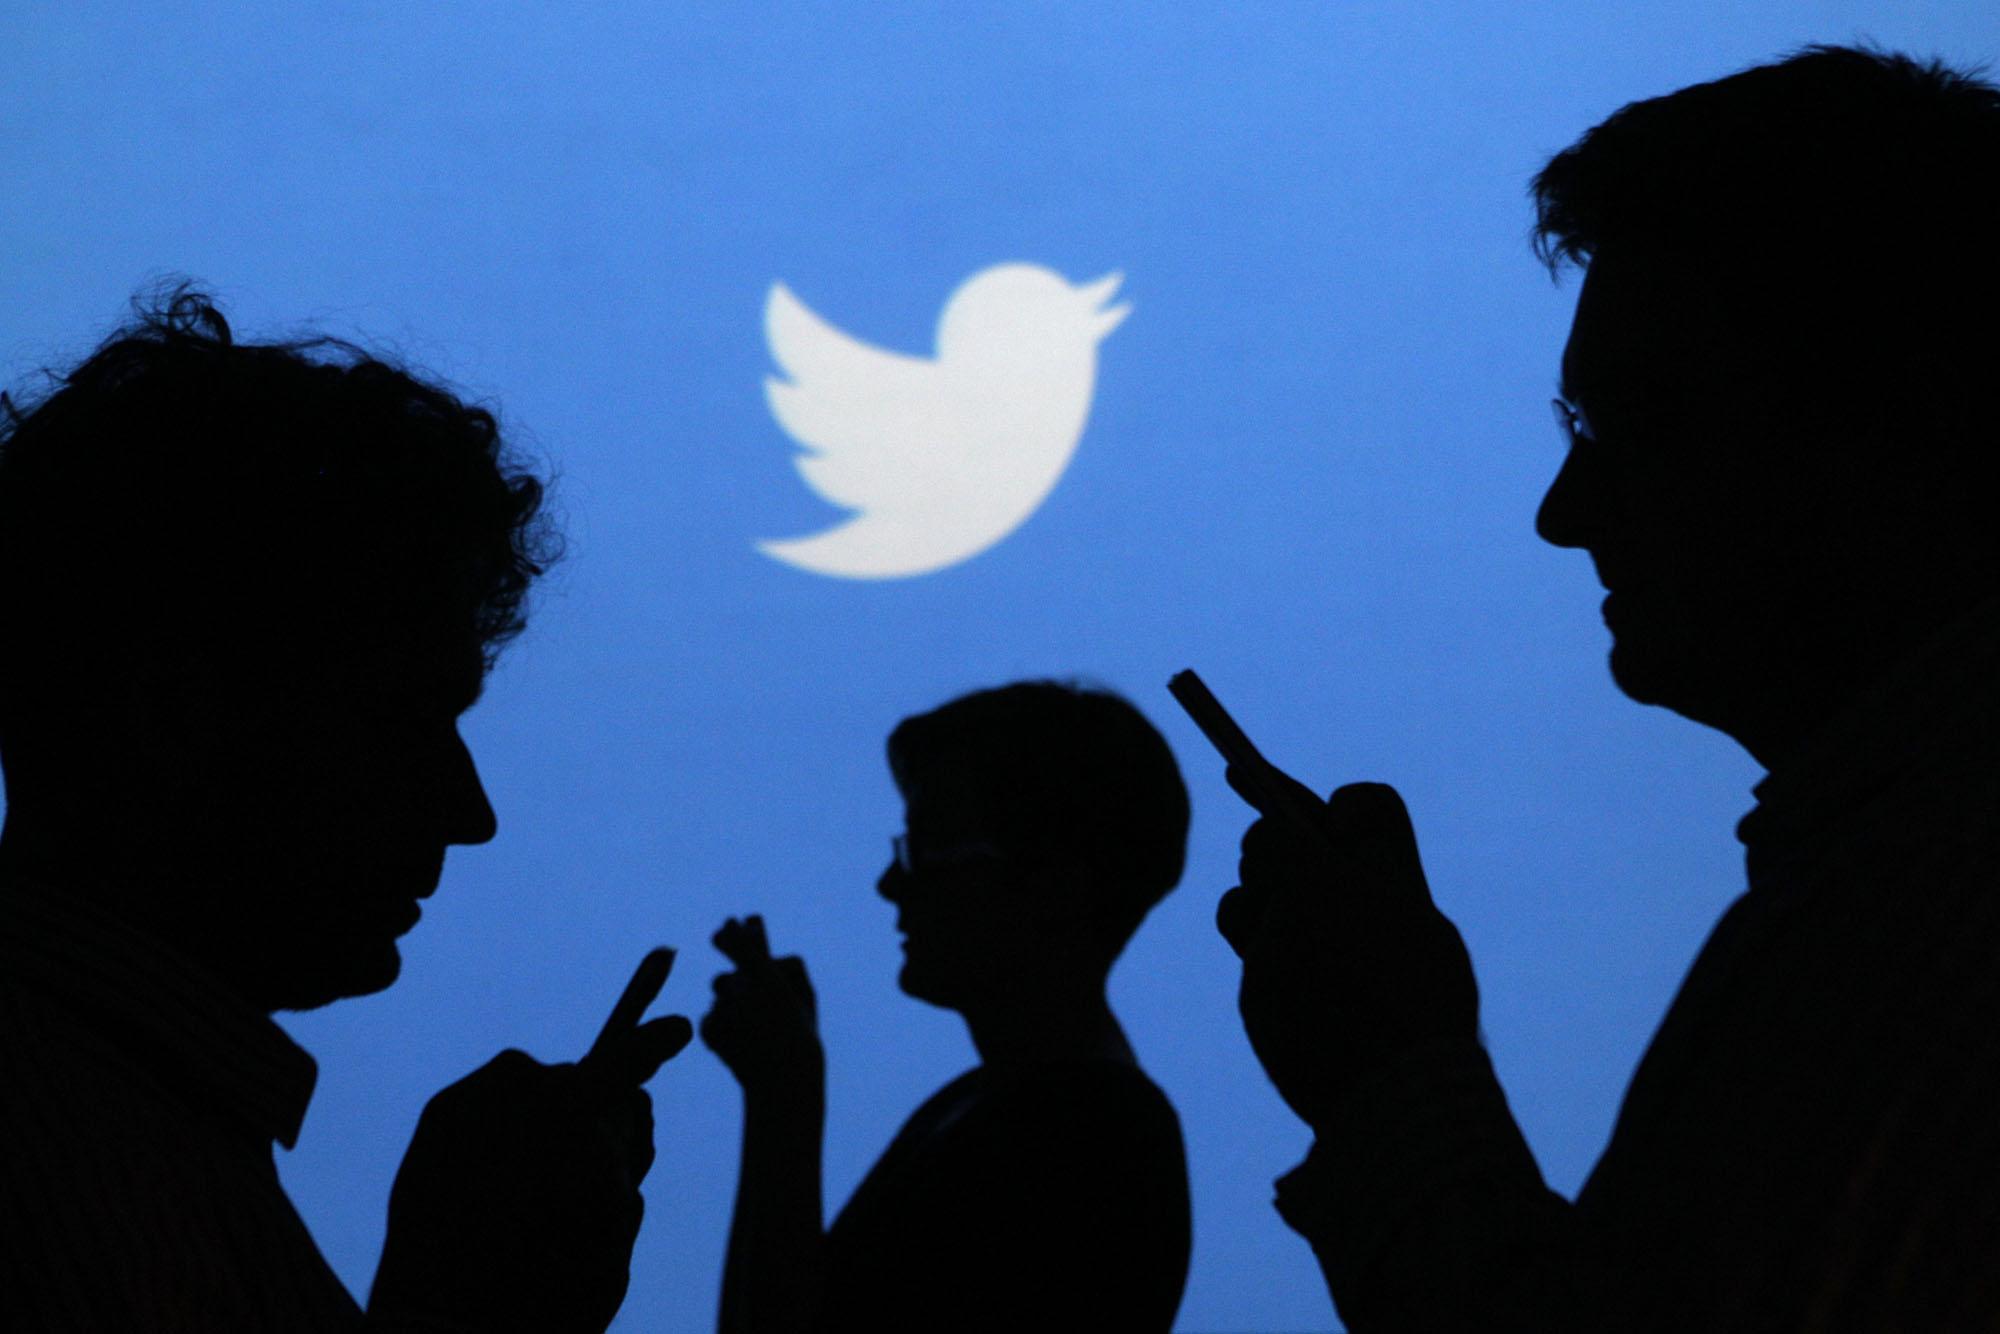 أناس يتواصلون من خلال تويتر